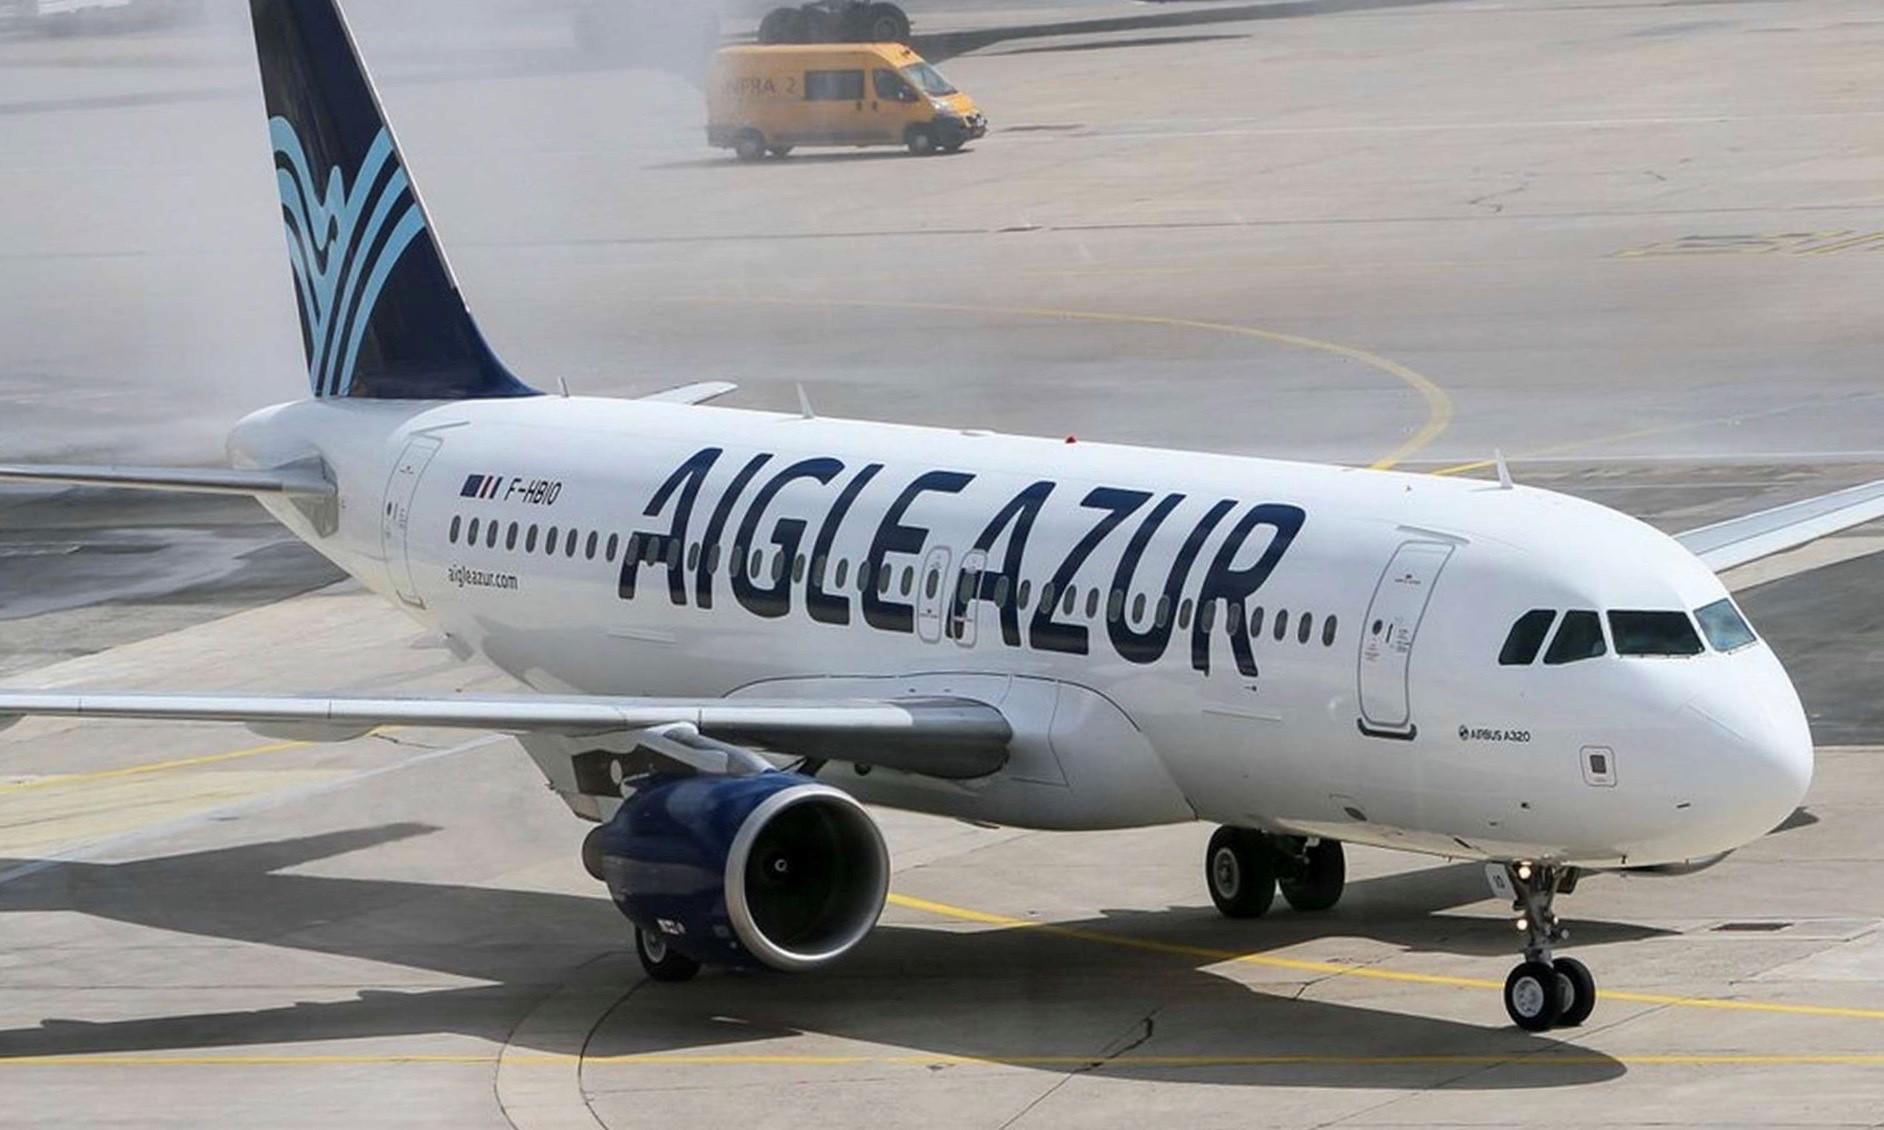 AIGLE AZUR, Une Compagnie Aérienne En Faillite : Les Droits Des Passagers.